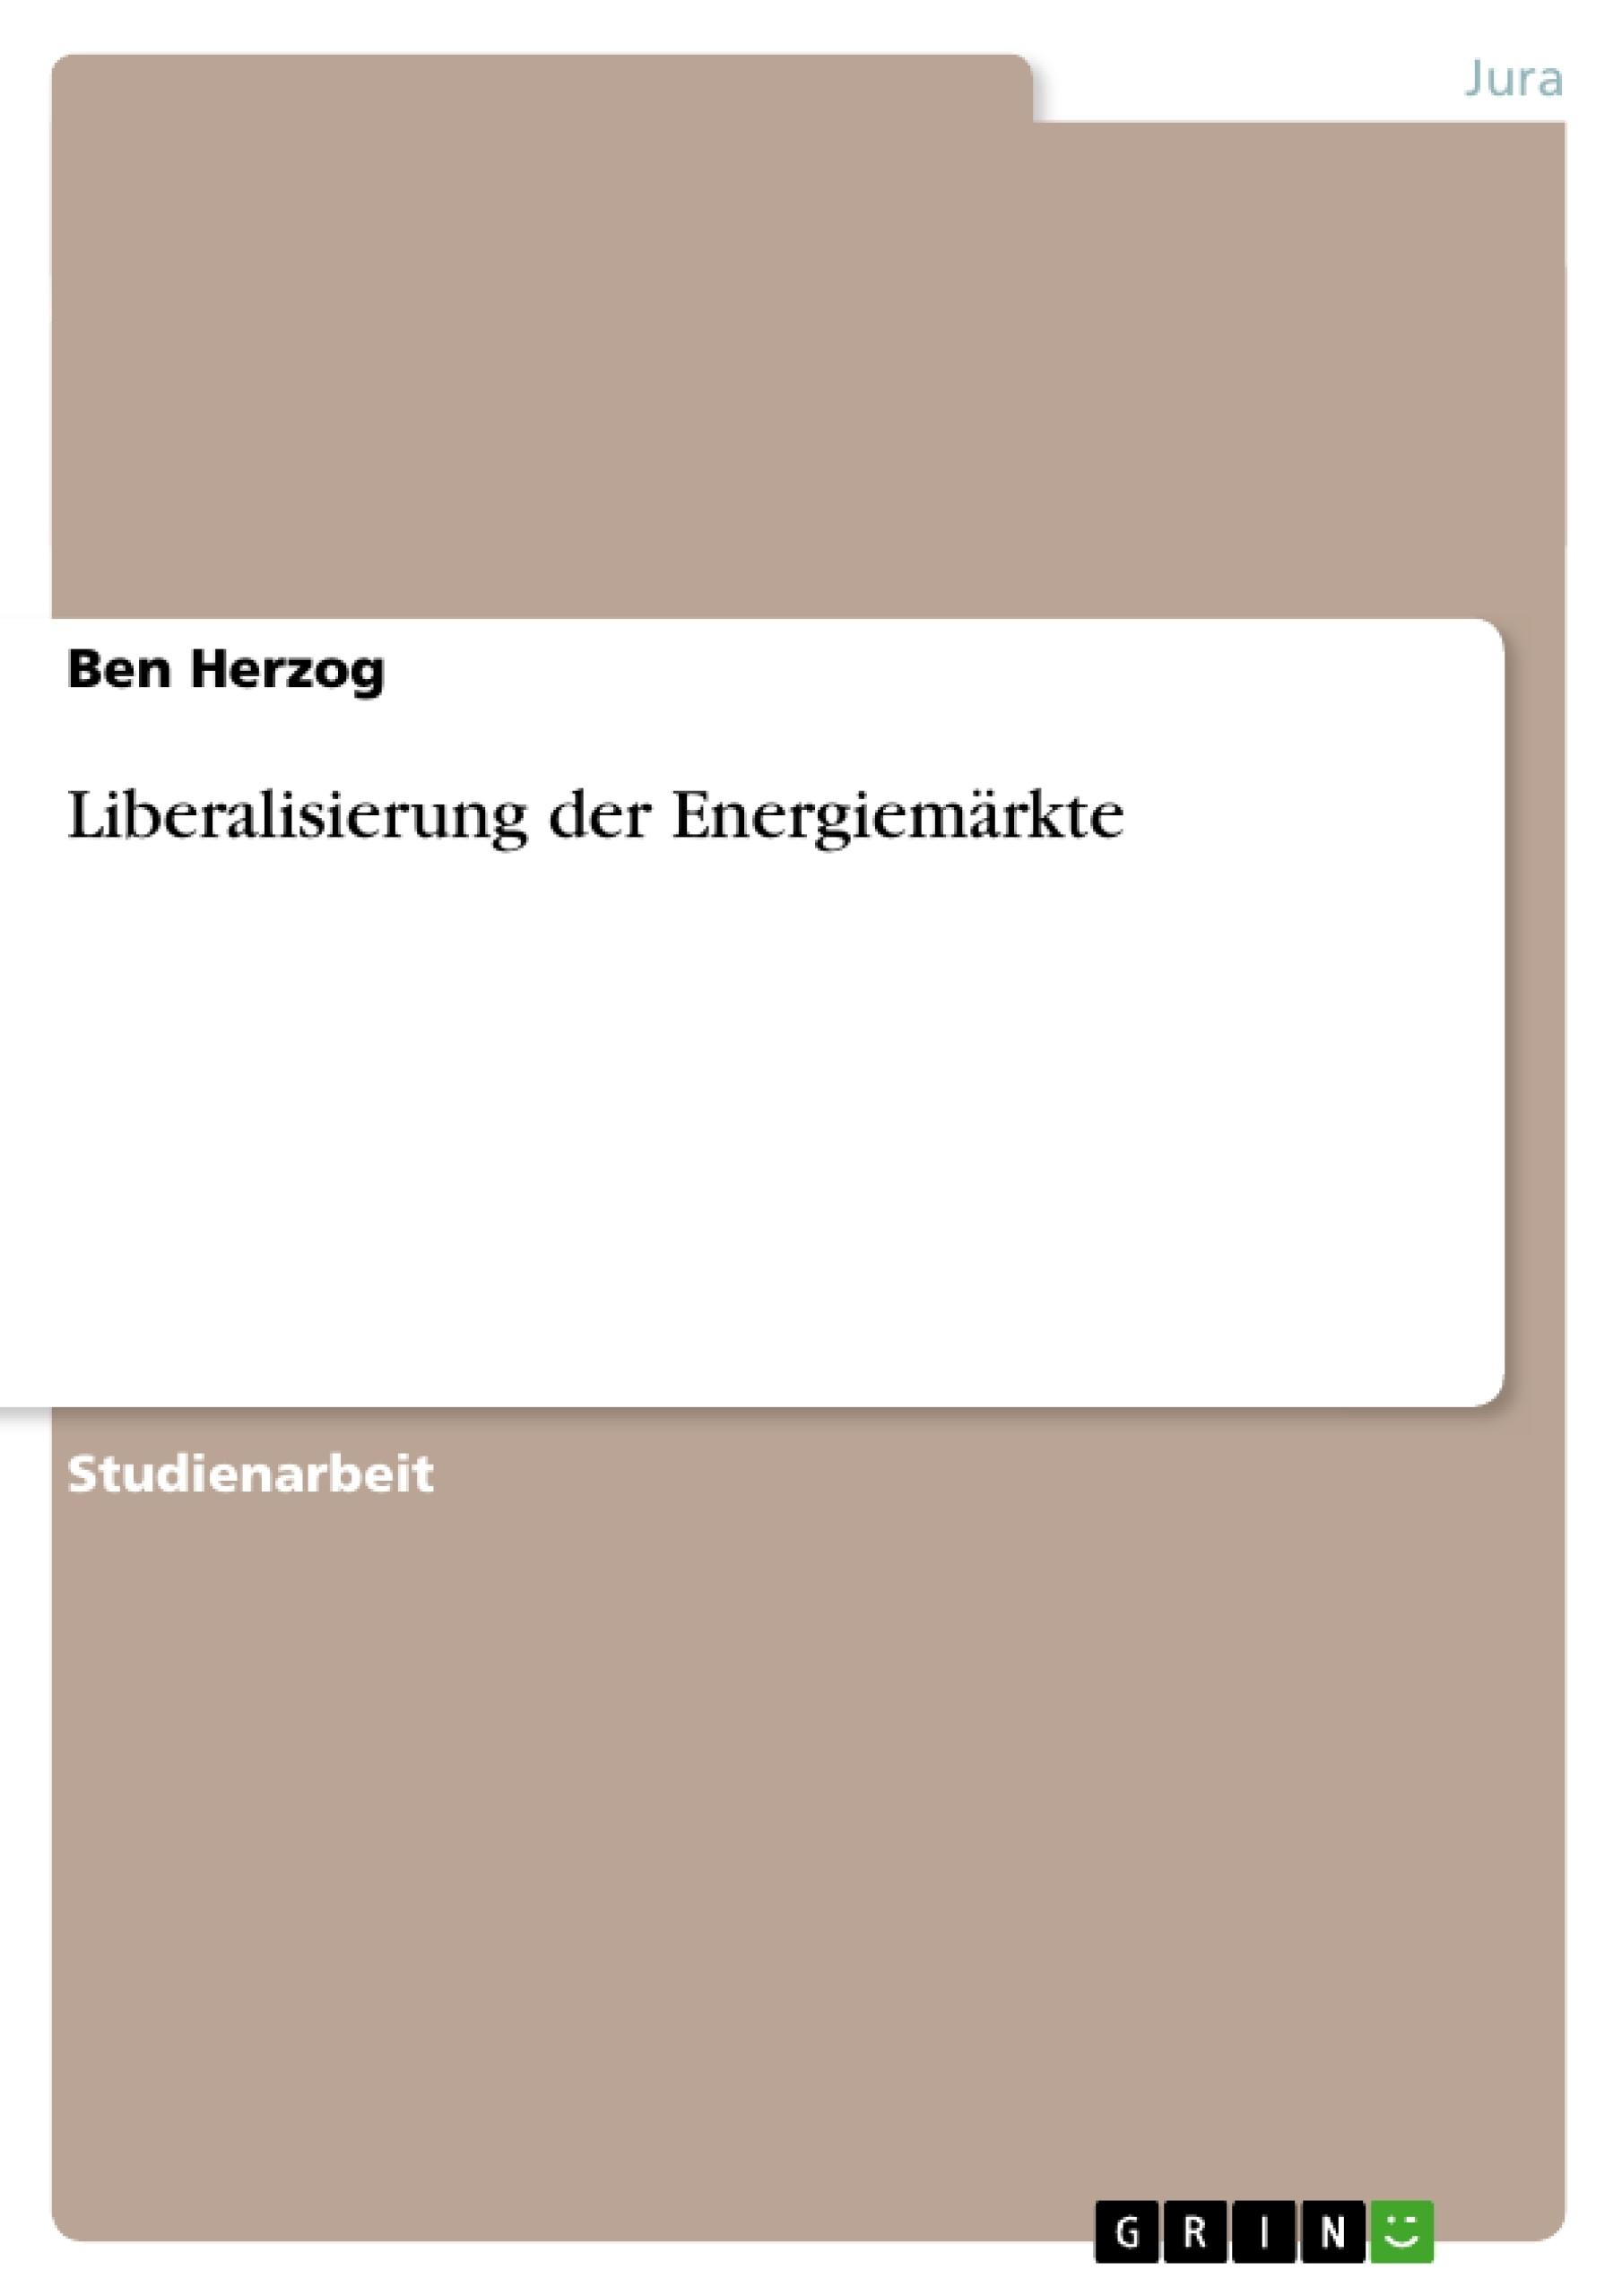 Titel: Liberalisierung der Energiemärkte